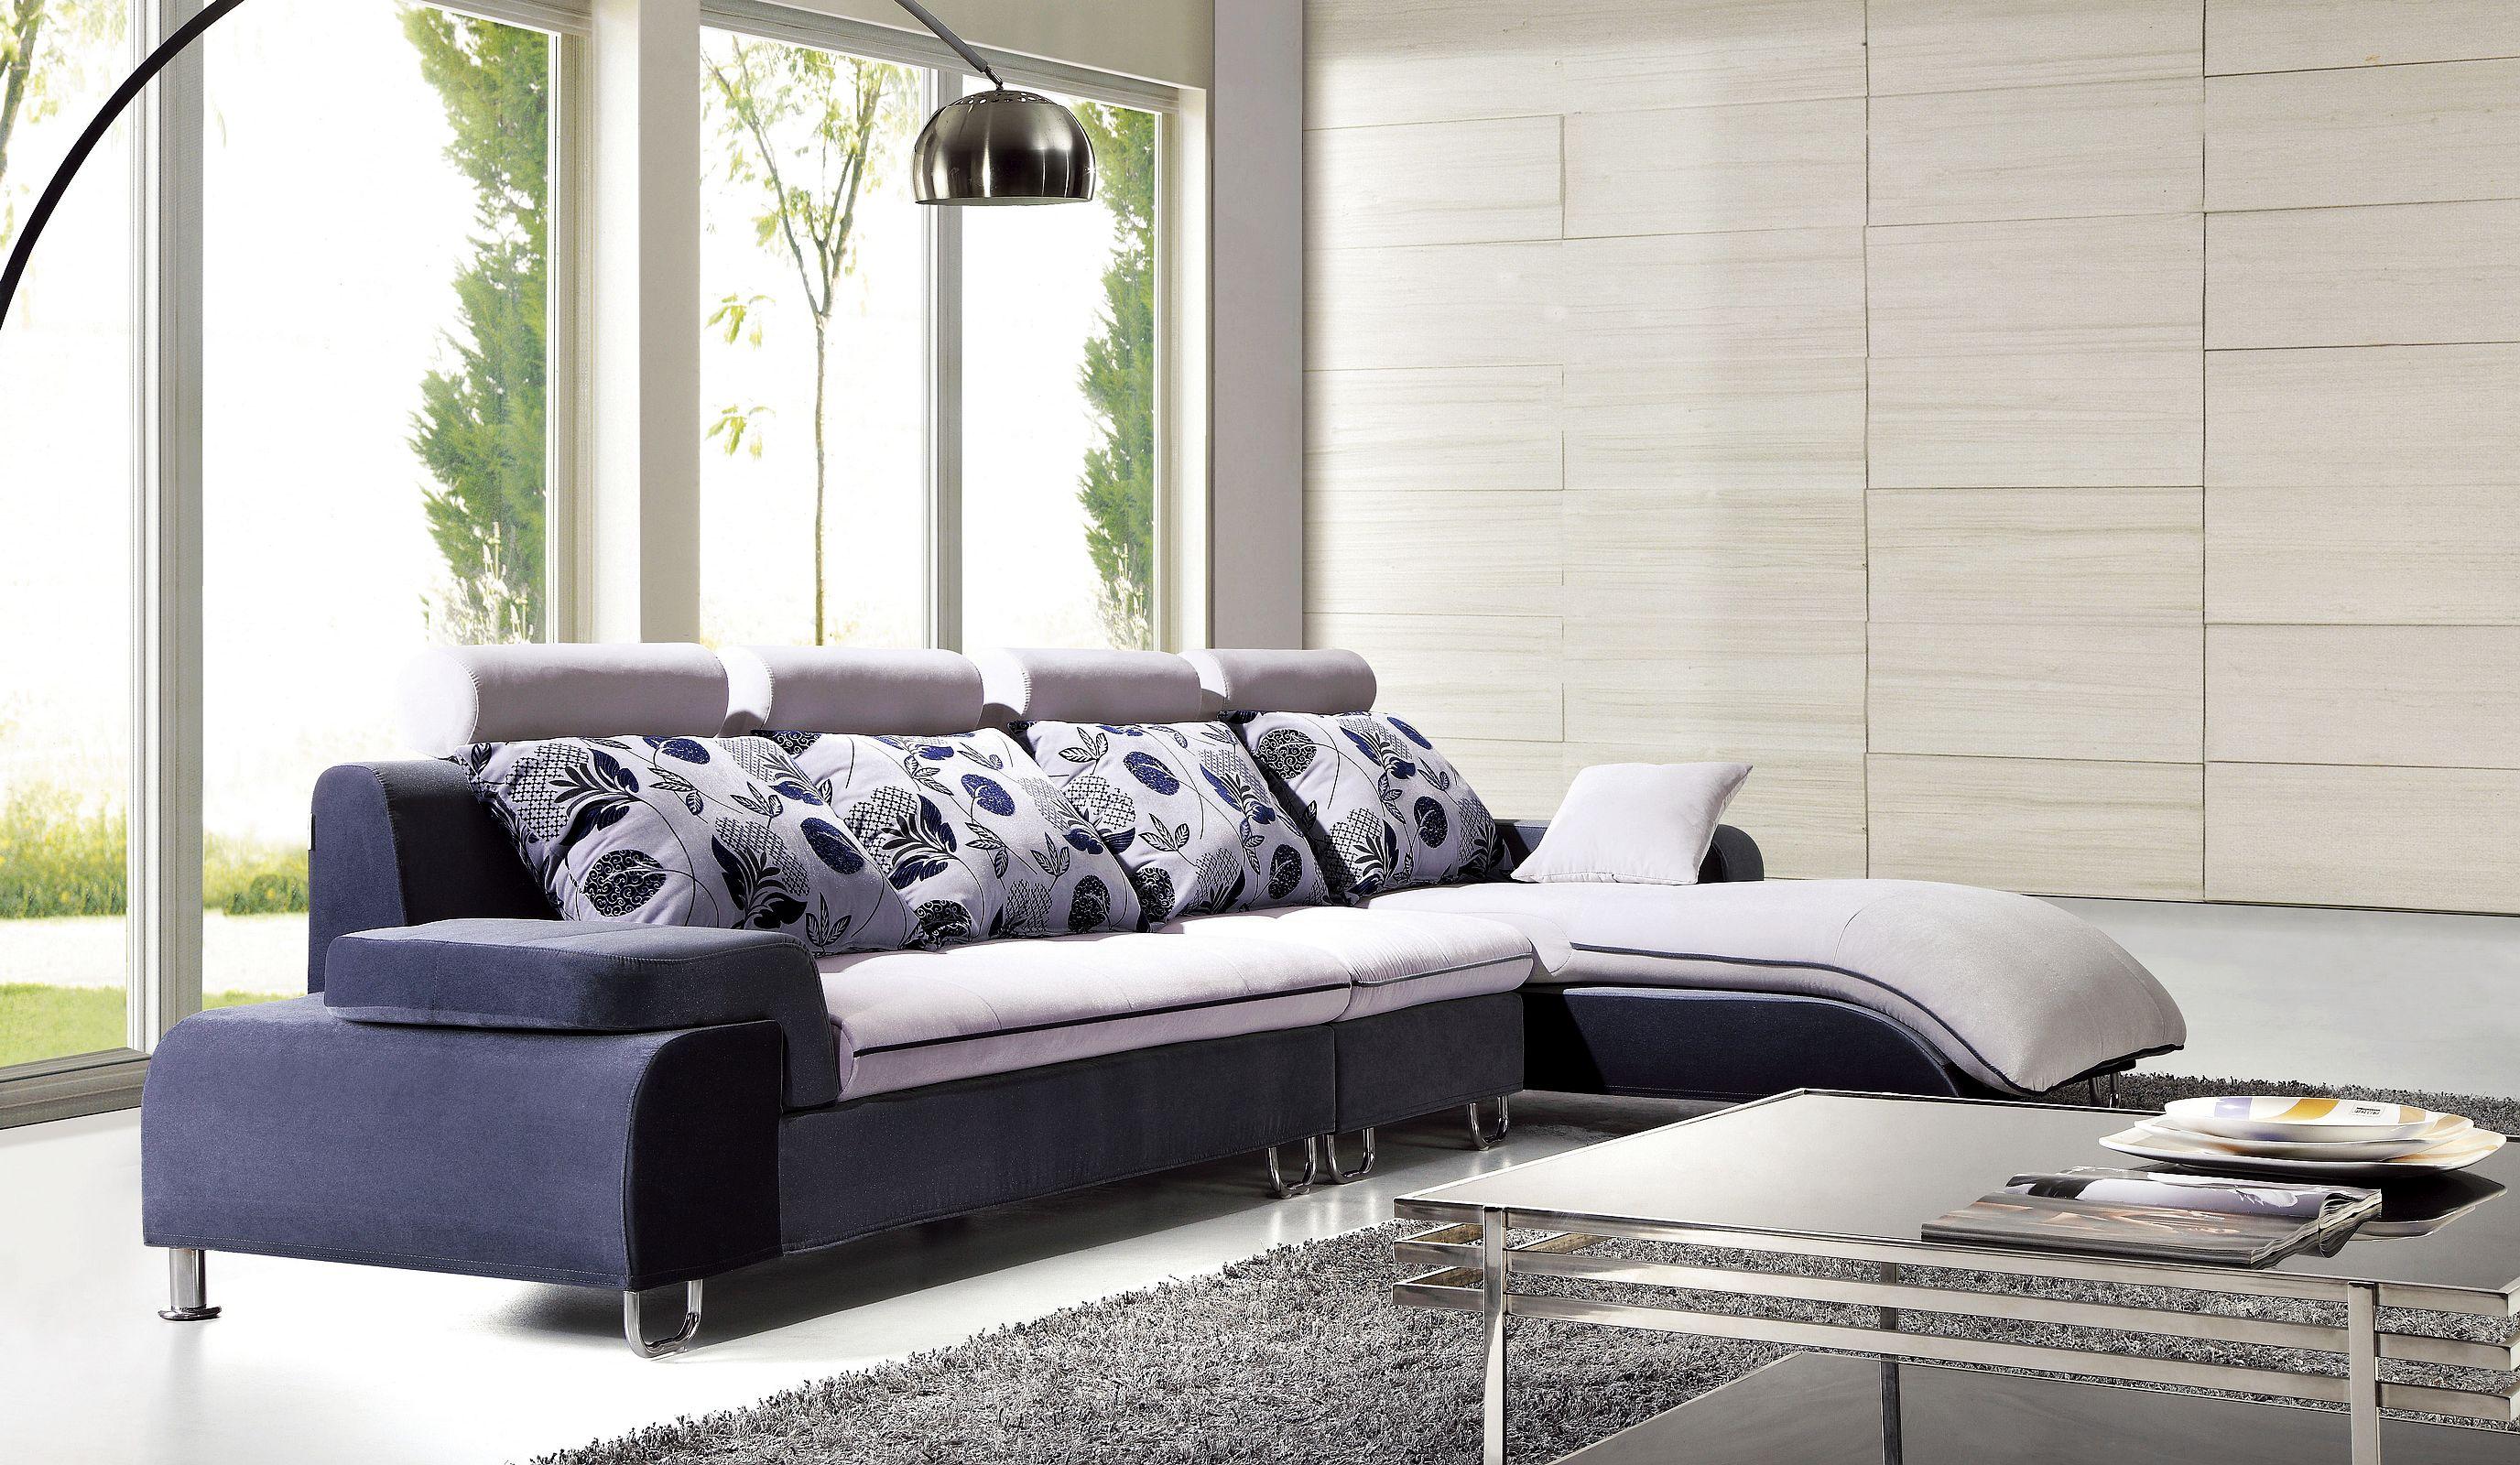 订做 休闲沙发,酒店沙发,办公沙发,简易沙发,客厅沙发